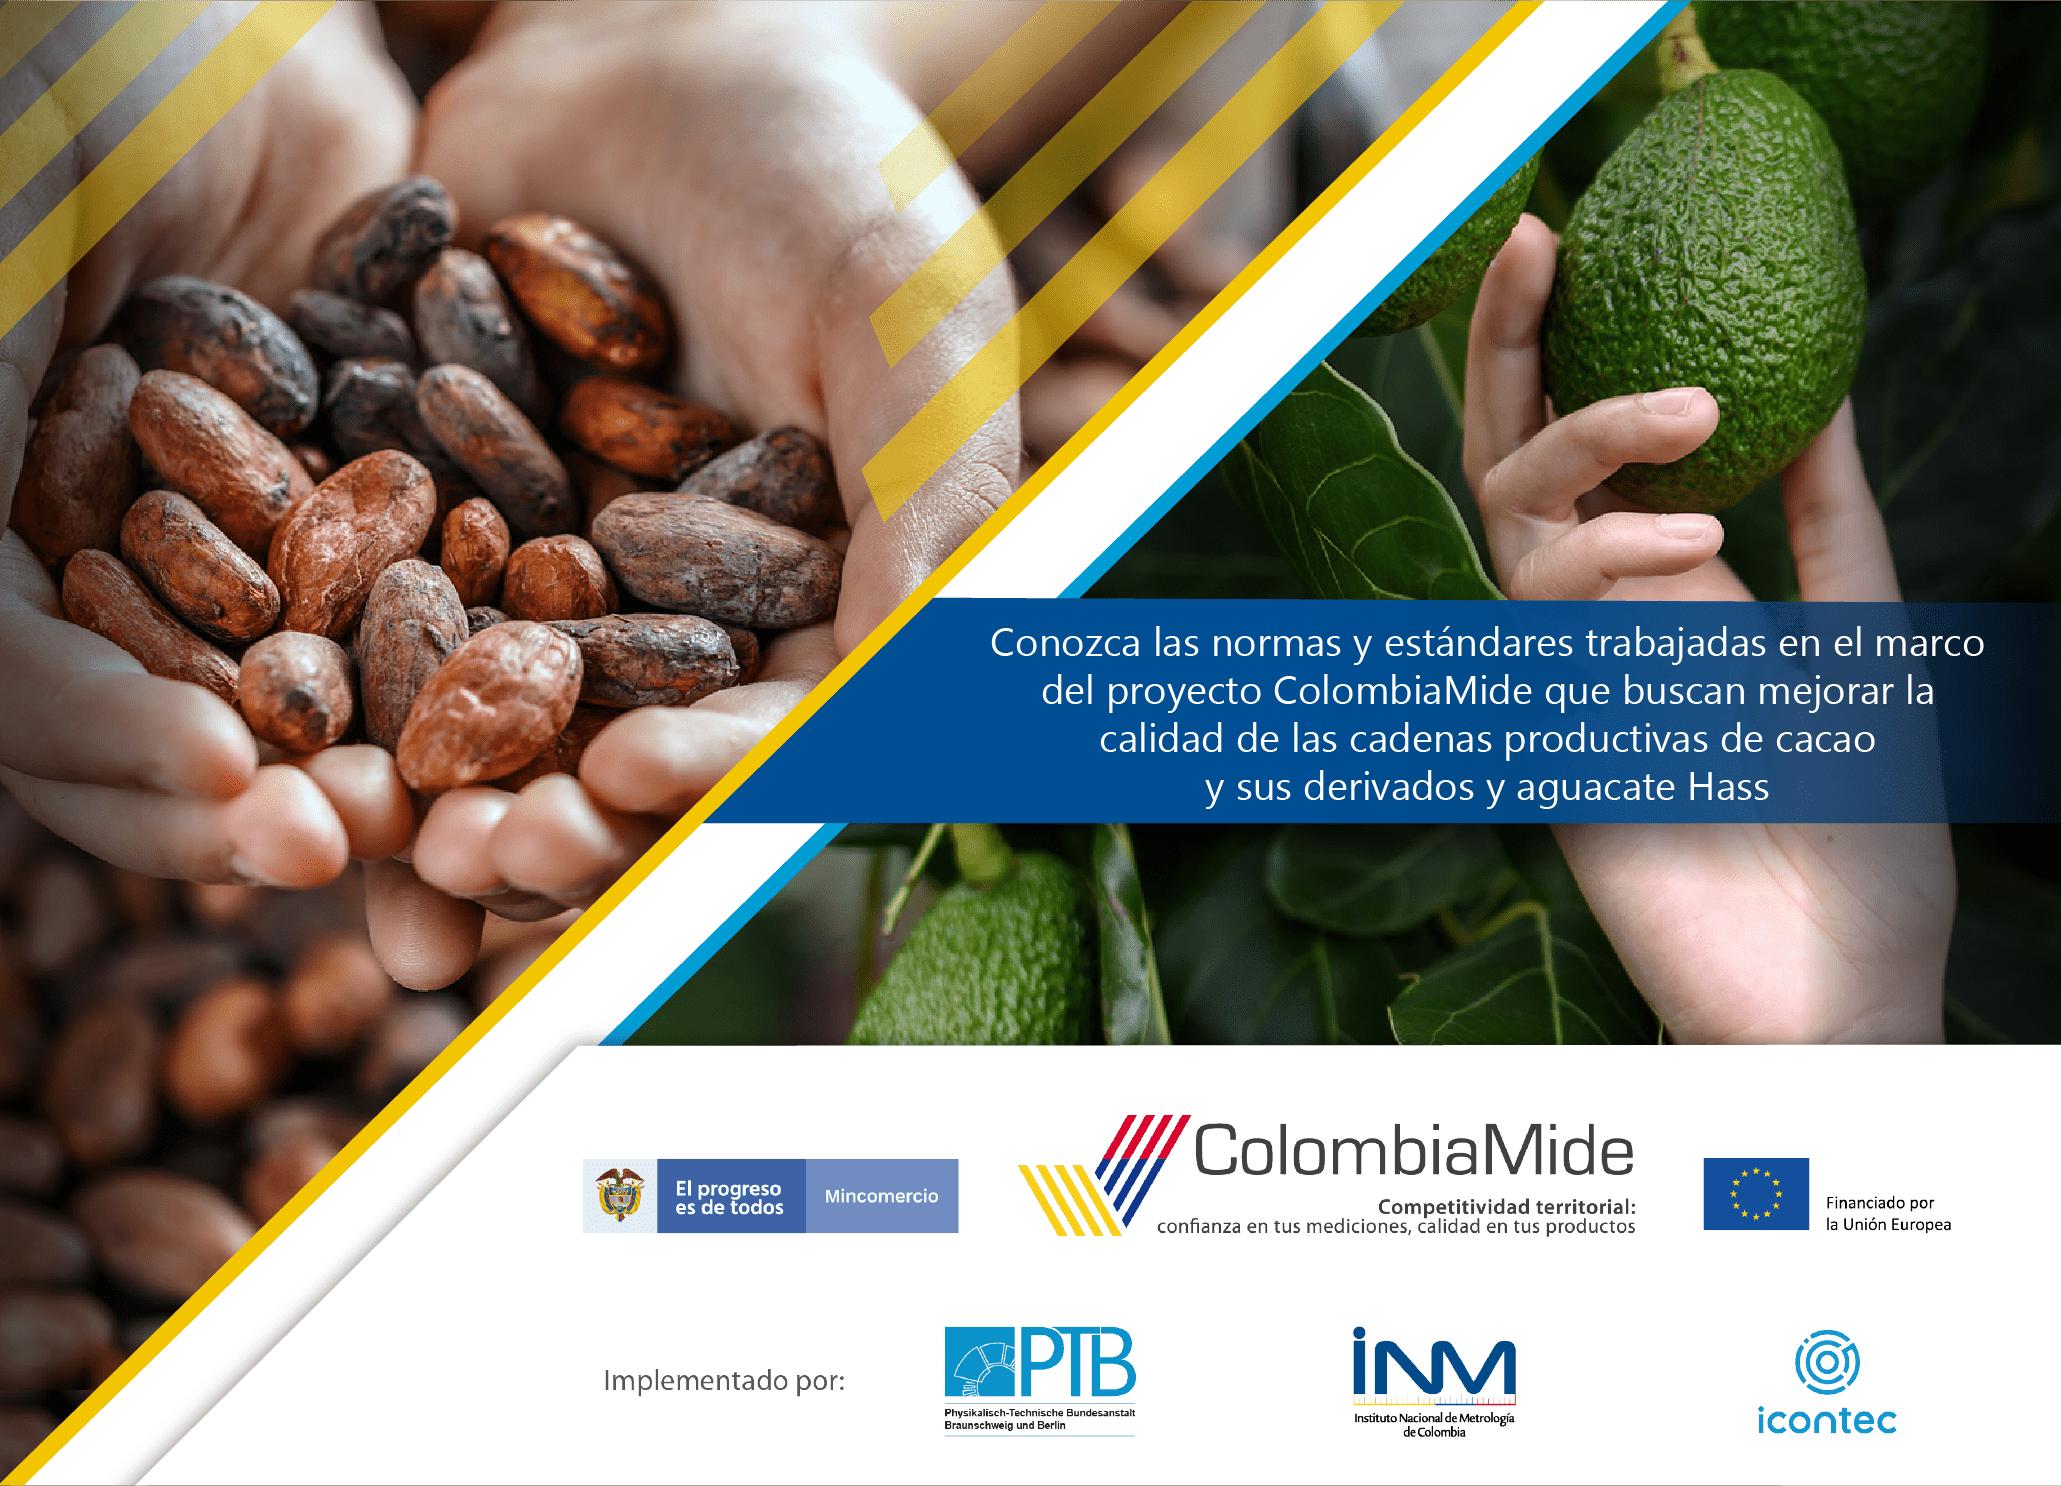 ColombiaMide apoya procesos de consulta pública y aprobación de Documentos Normativos para el fortalecimiento de cadenas de aguacate Hass y cacao y sus derivados